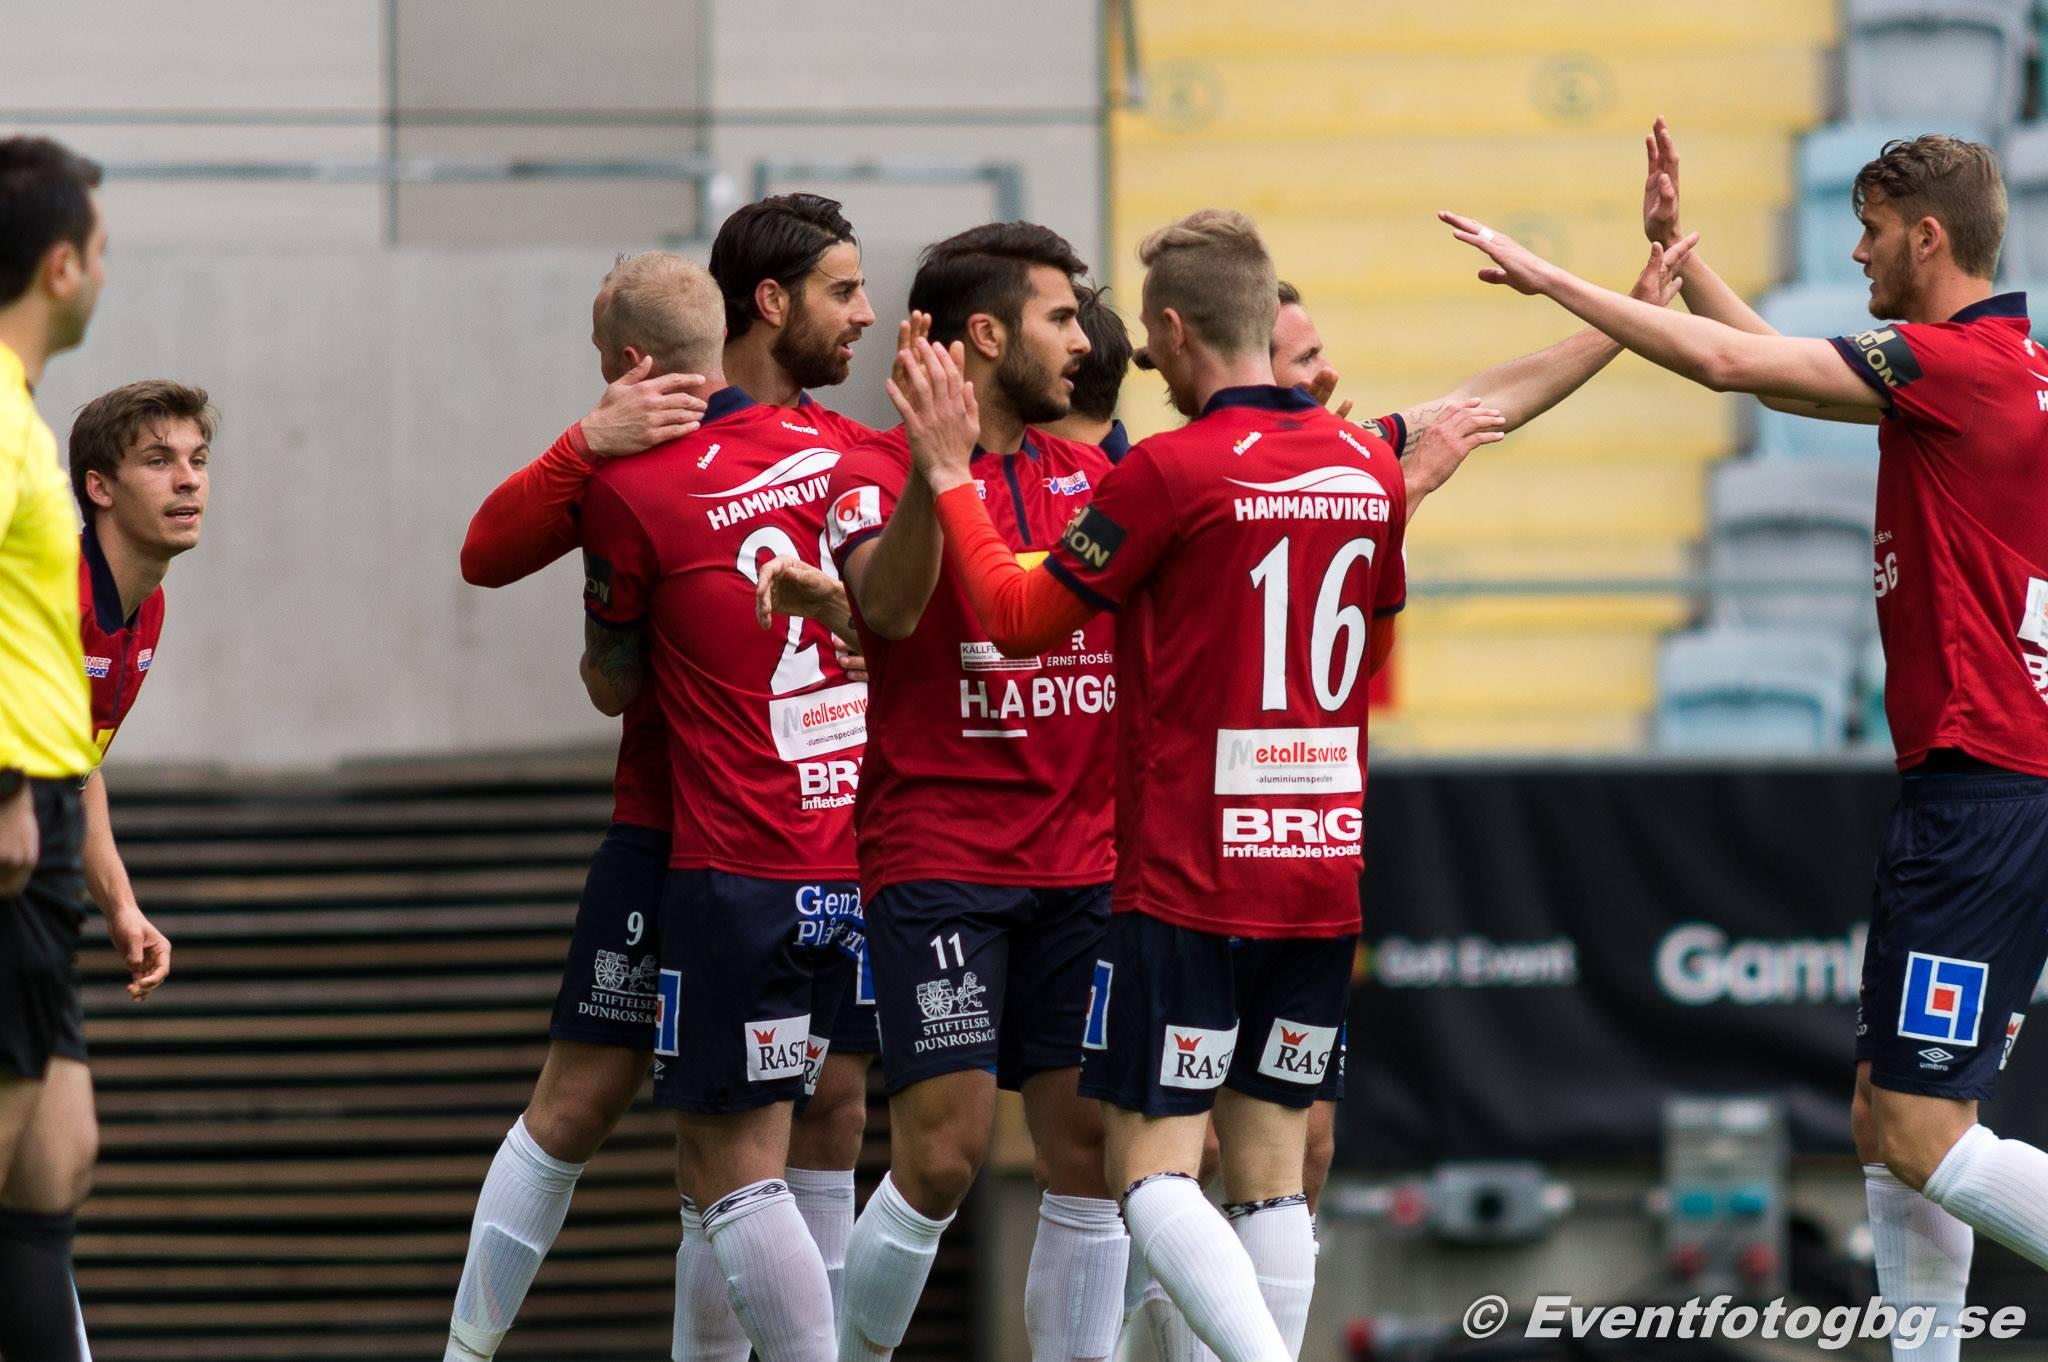 Svenska Cupen lottat  Här är ÖIS motståndare. 20 november 2016. IFK  Norrköping ... c7ed0f8b818a1